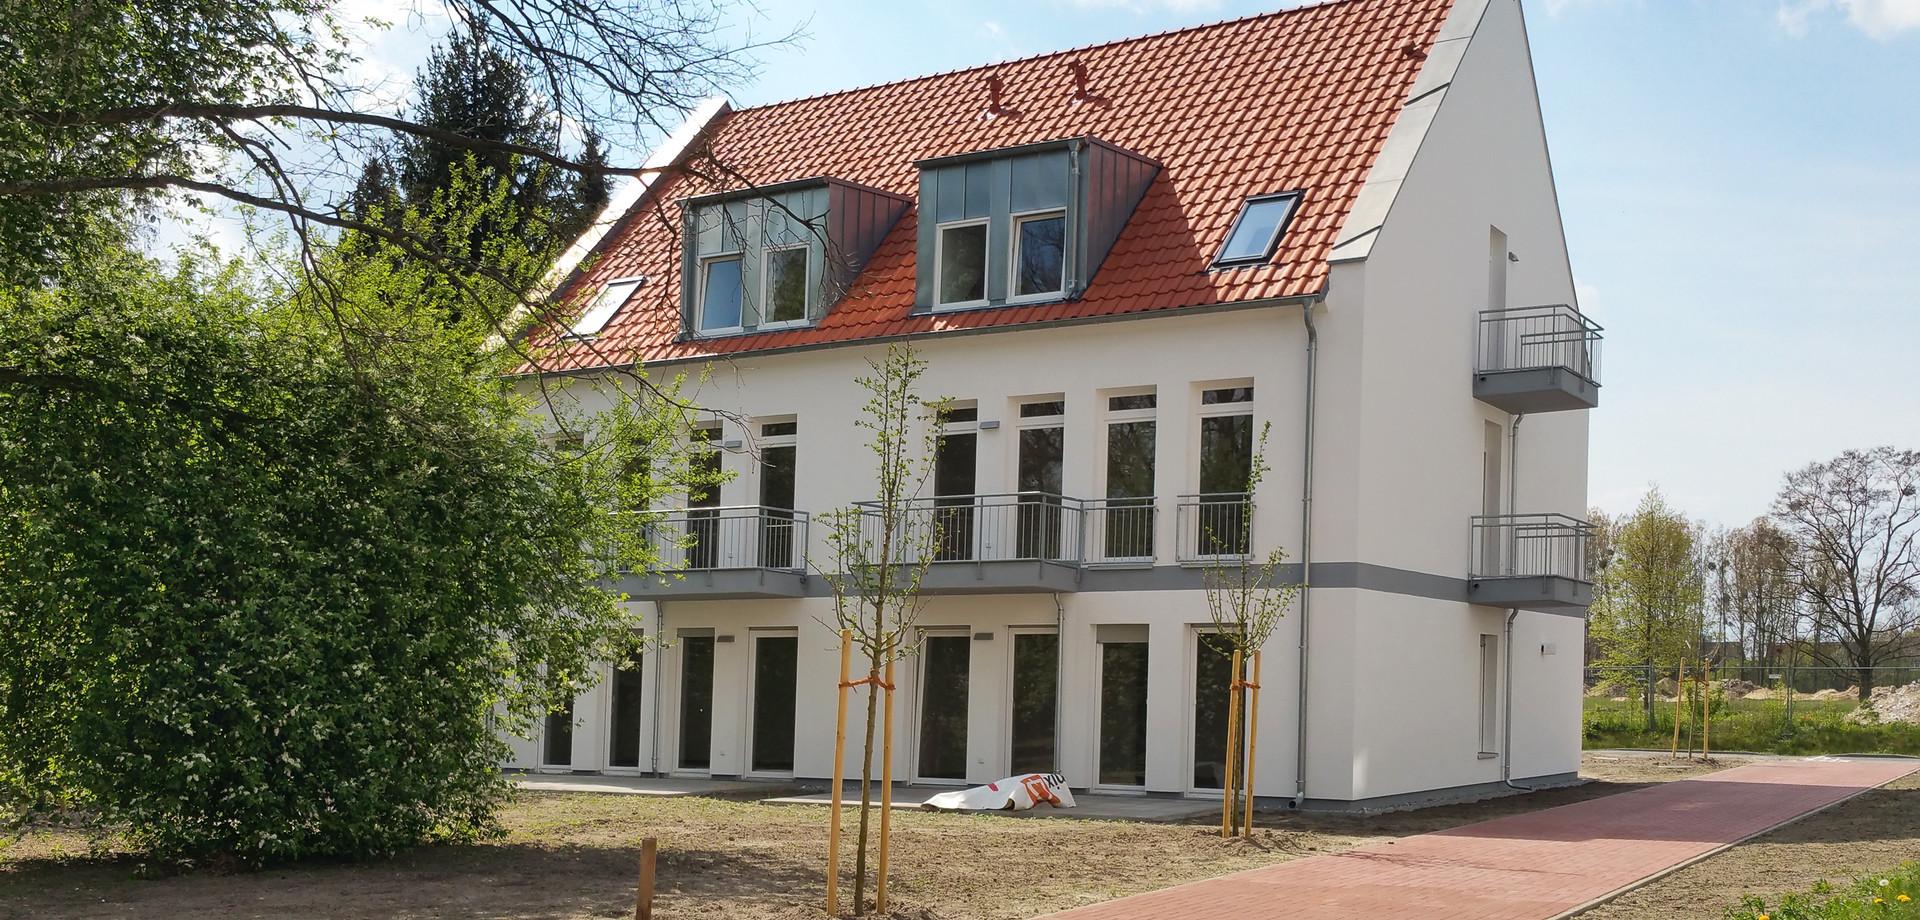 Haus 1 mit 6 Wohnungen - Gartenansicht